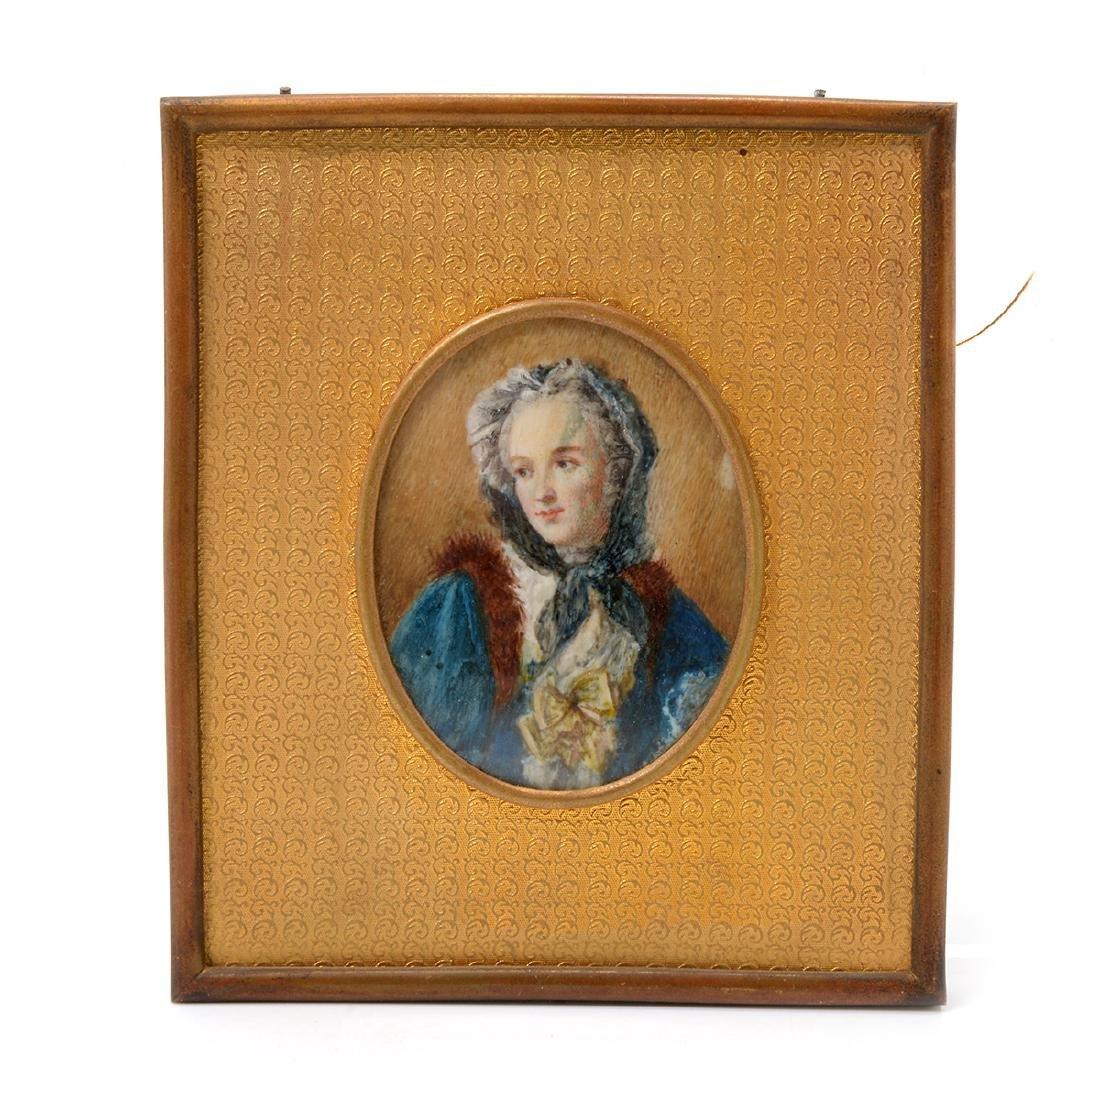 Six Brass Framed Miniature Portraits of Women - 5